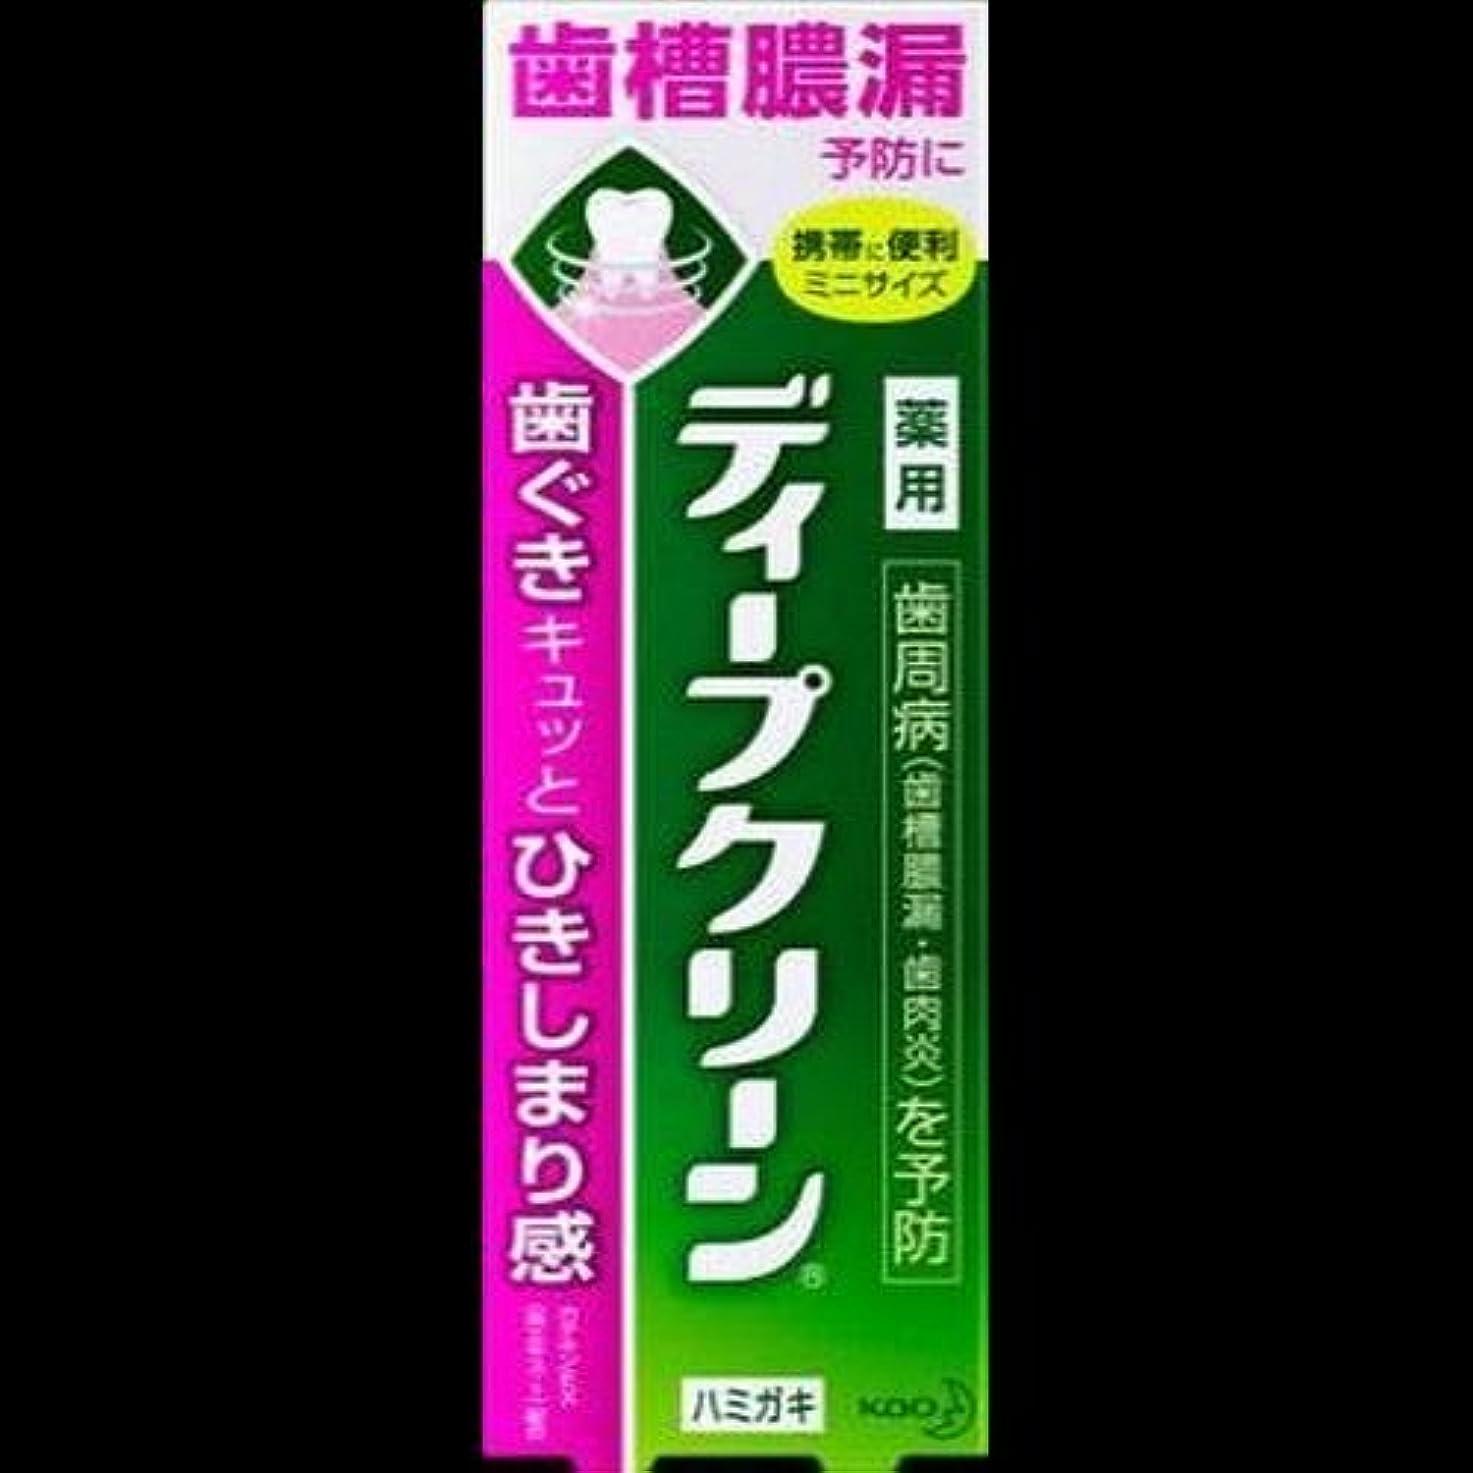 奨学金放射性苦【まとめ買い】ディープクリーン 薬用ハミガキ 60g ×2セット